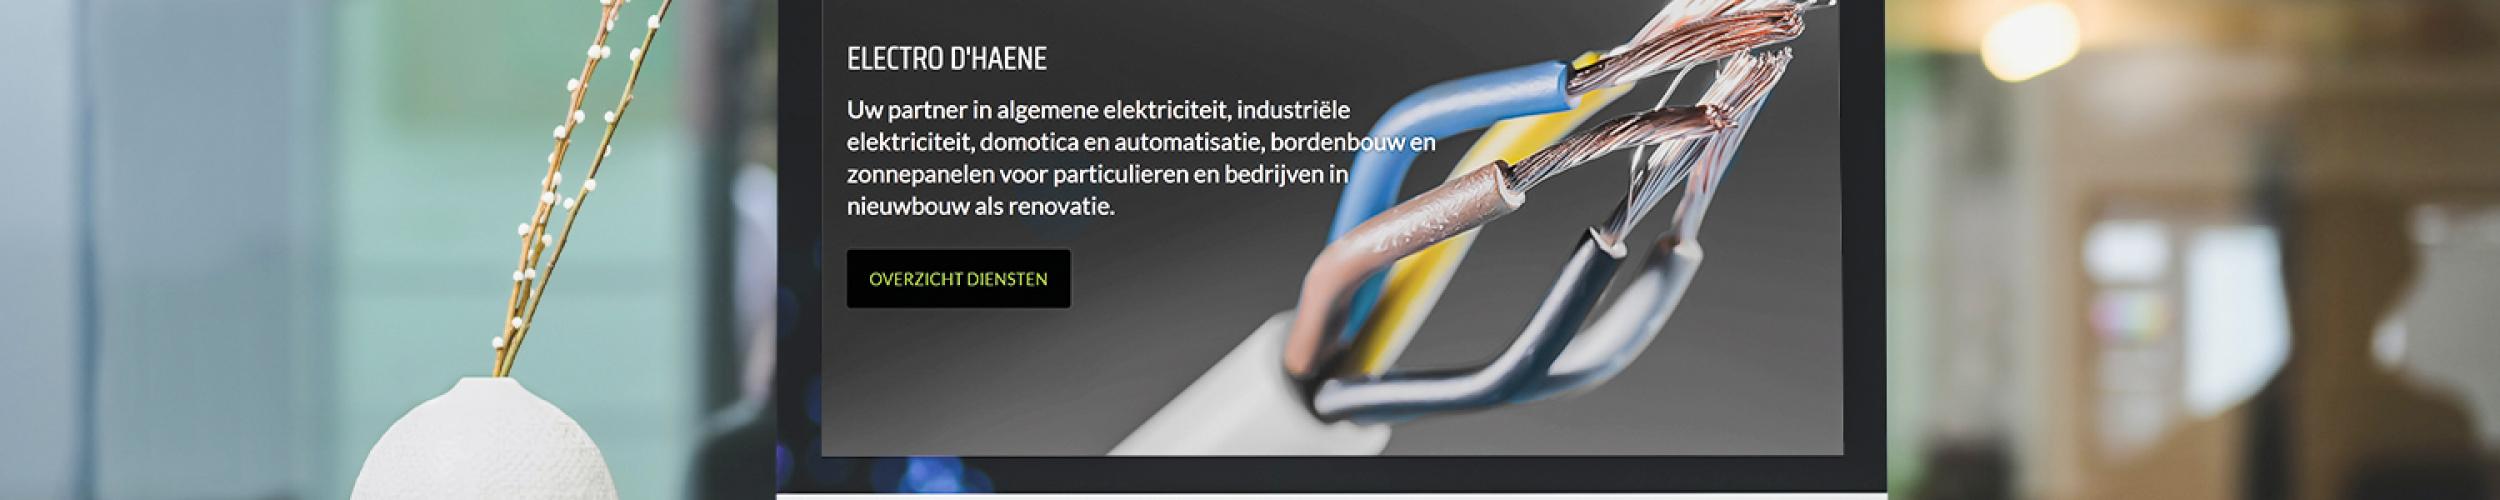 Makkelijke website, duidelijke website en snelle website voor elektriciens in algemene en industriële elektriciteit